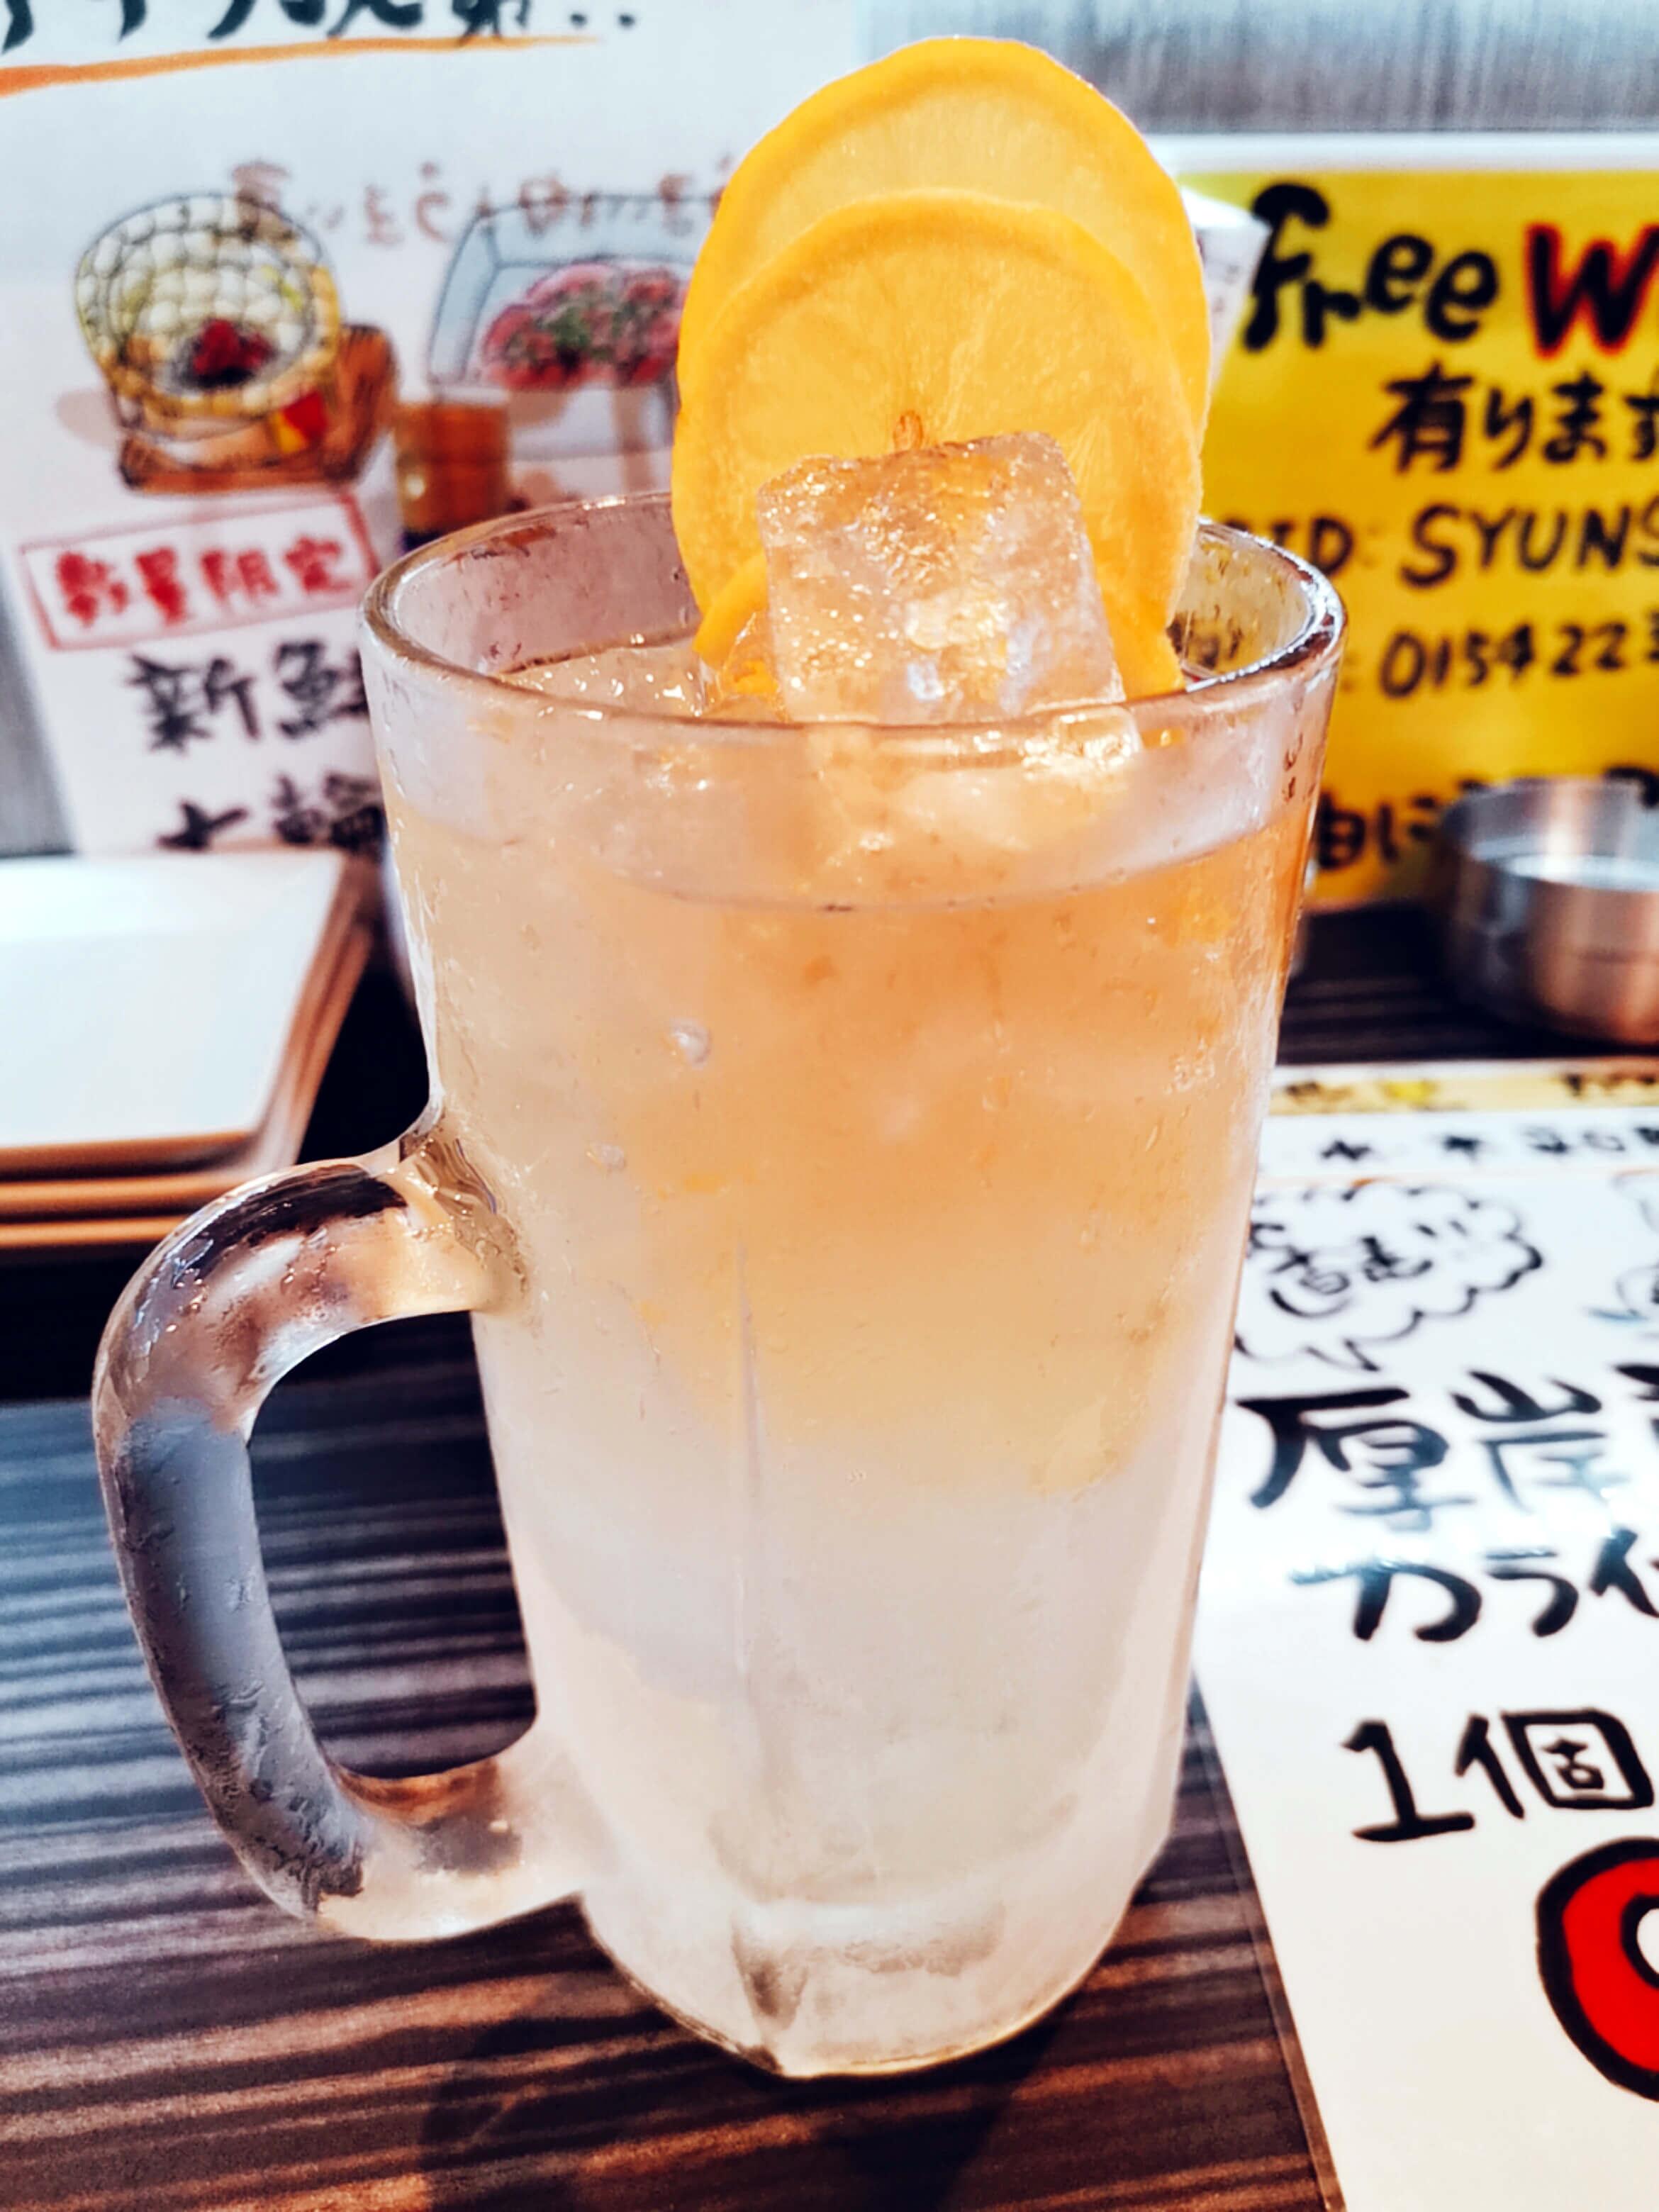 冷凍レモンサワー1000円だった気がします